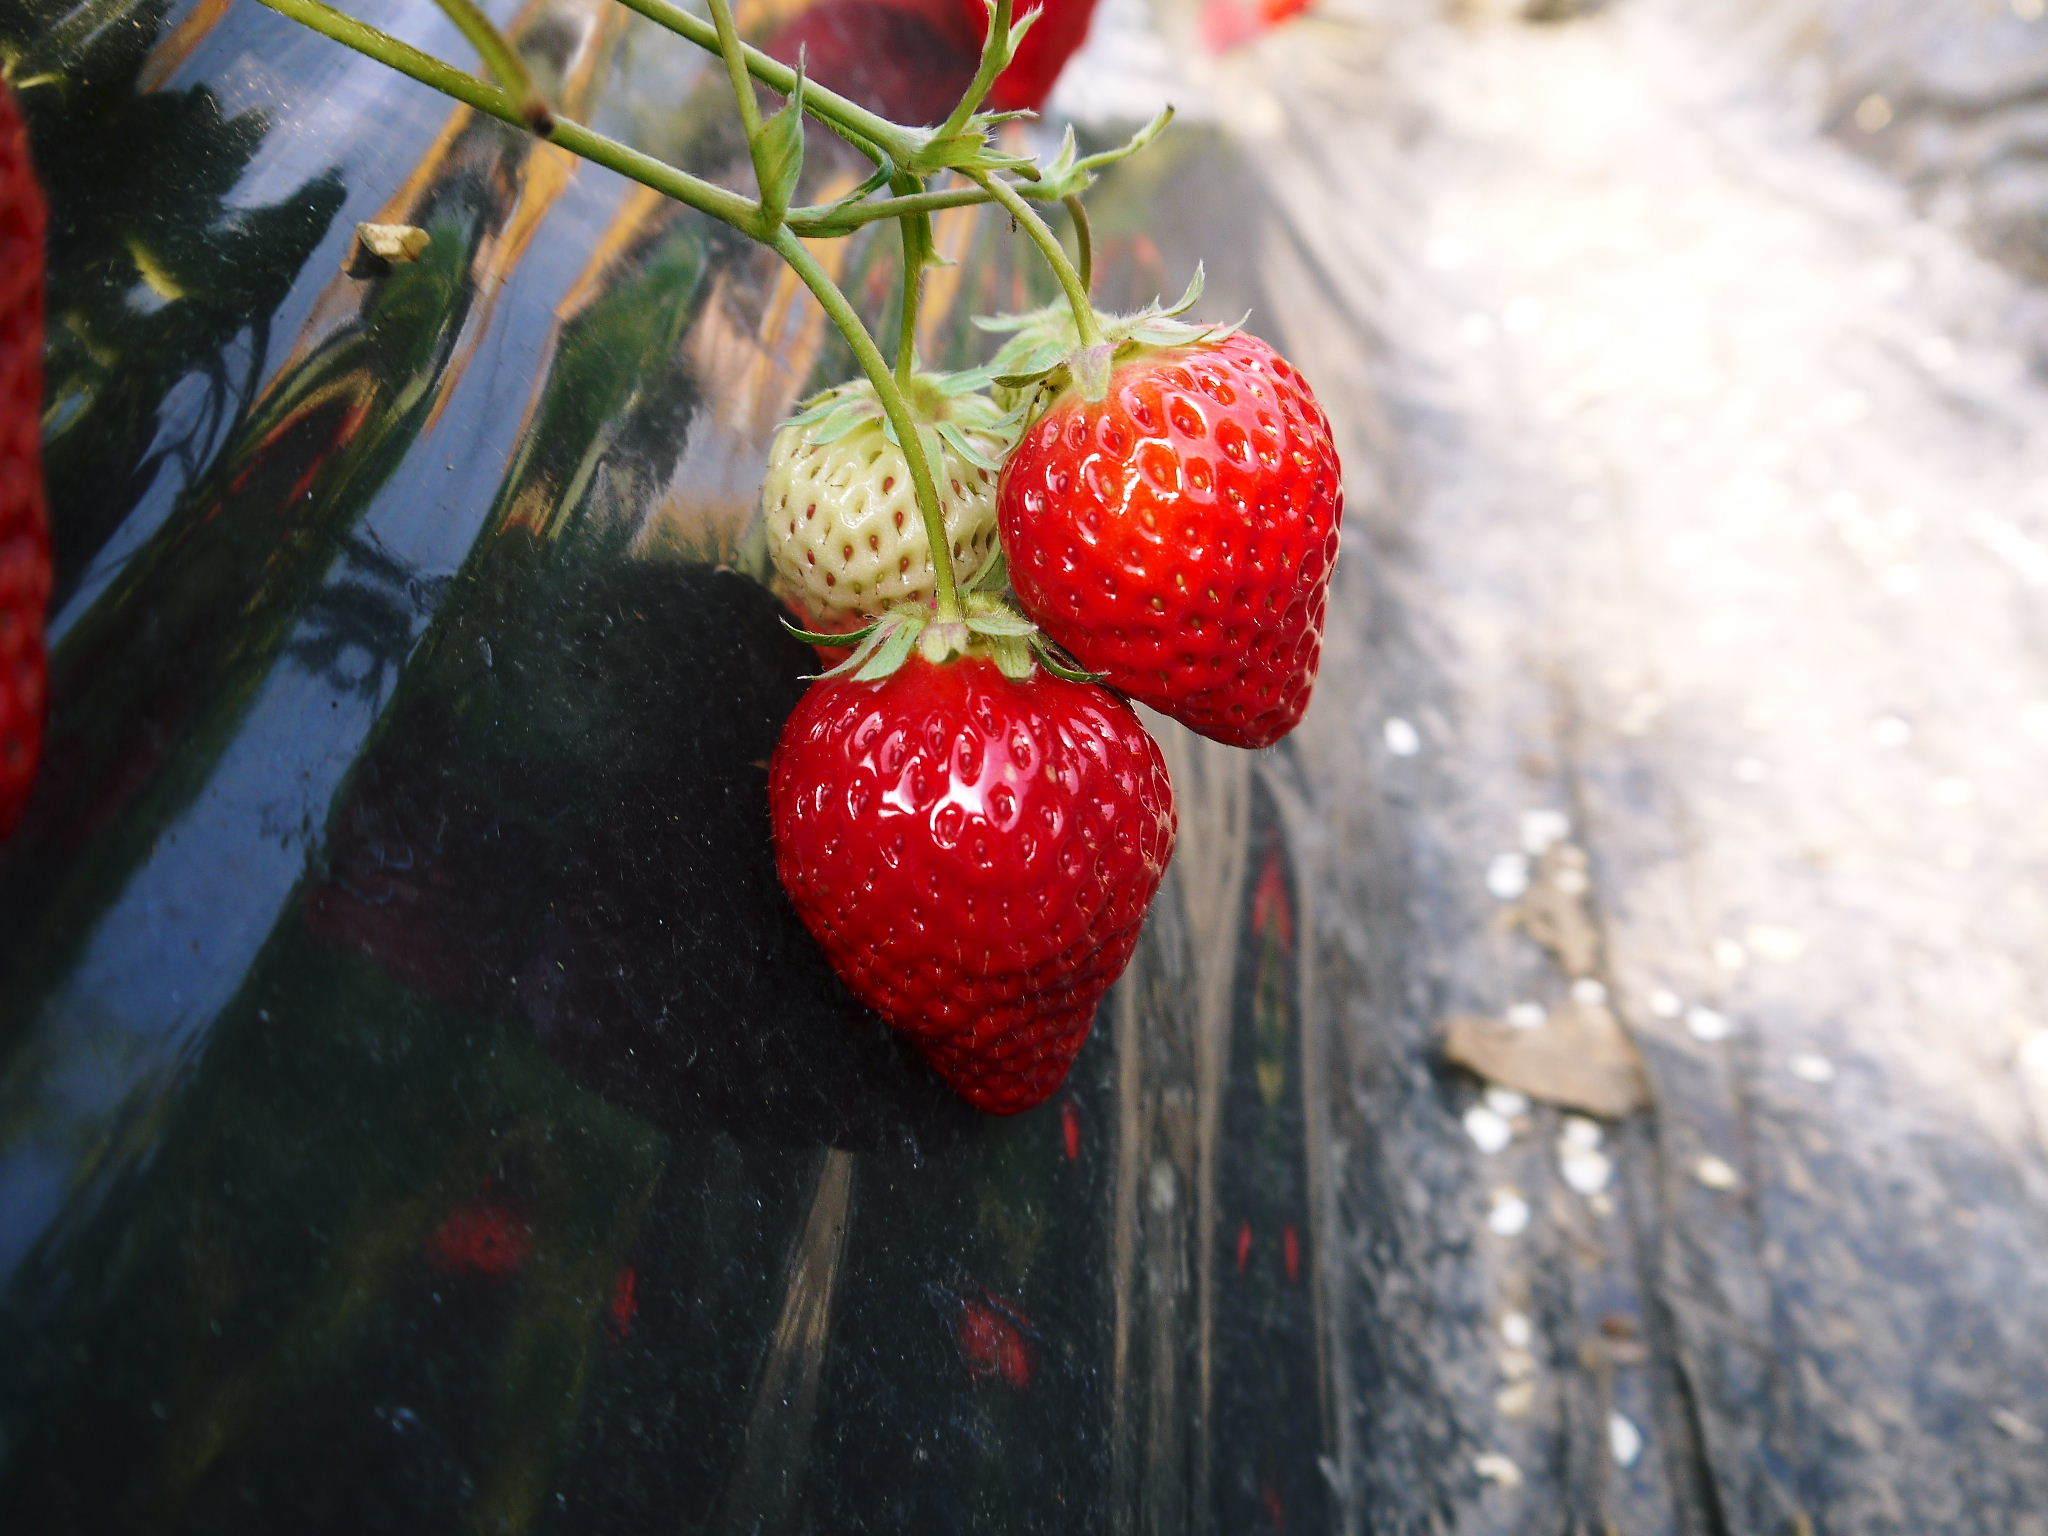 熊本産高級イチゴ『完熟紅ほっぺ』2020年はレギュラーパック3月末発送分、平積みパック4月中旬まで!_a0254656_17482422.jpg